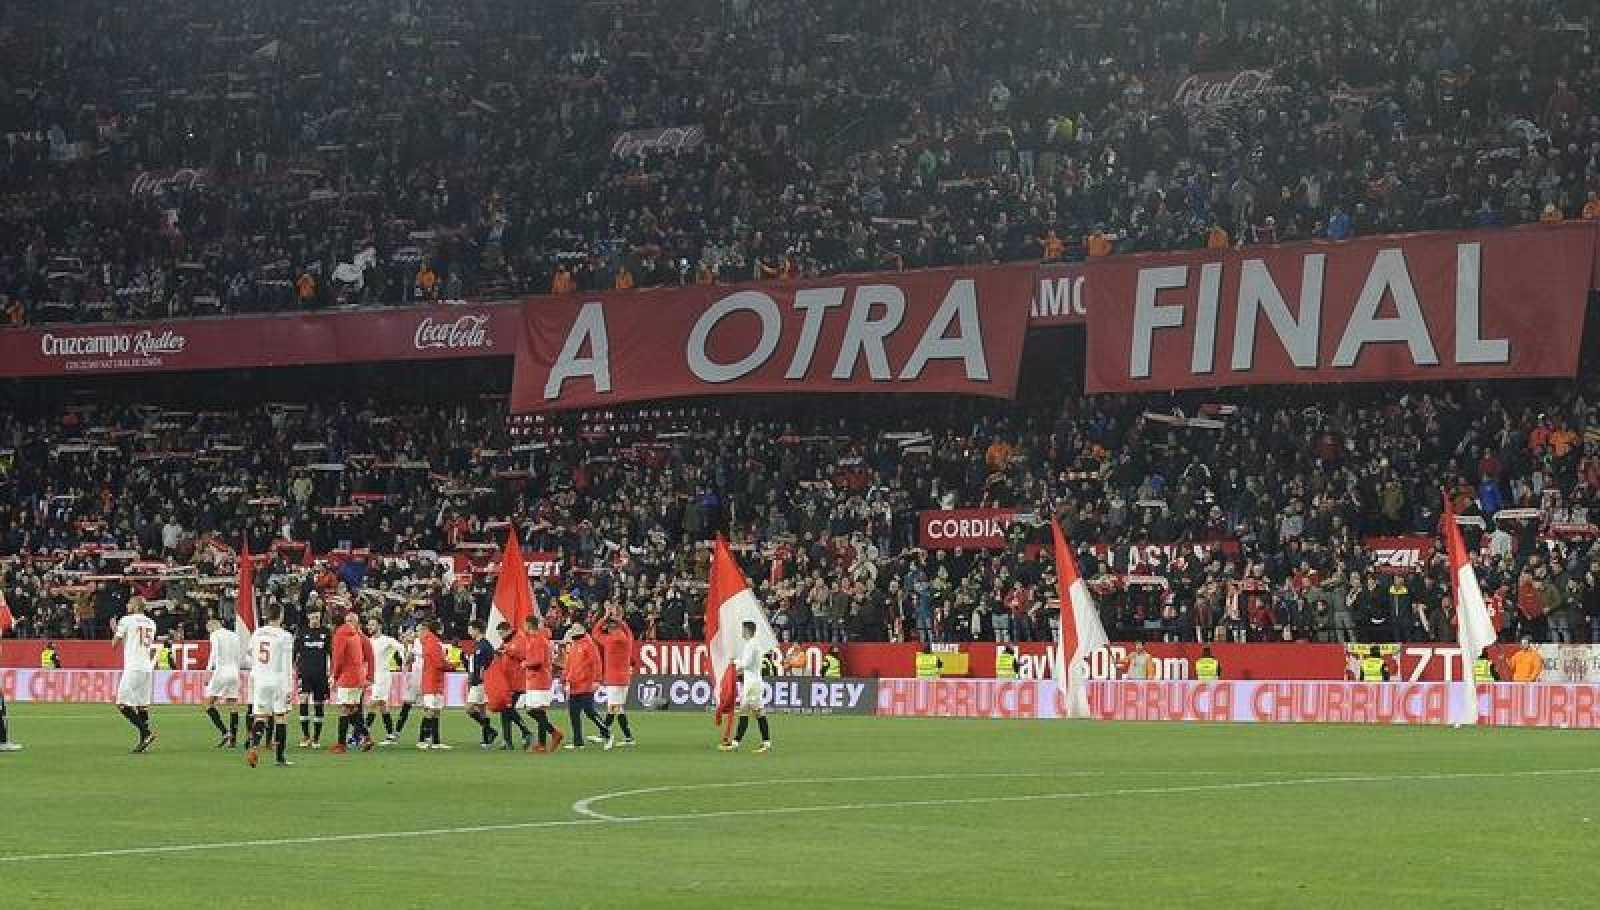 El Sevilla, a otra final